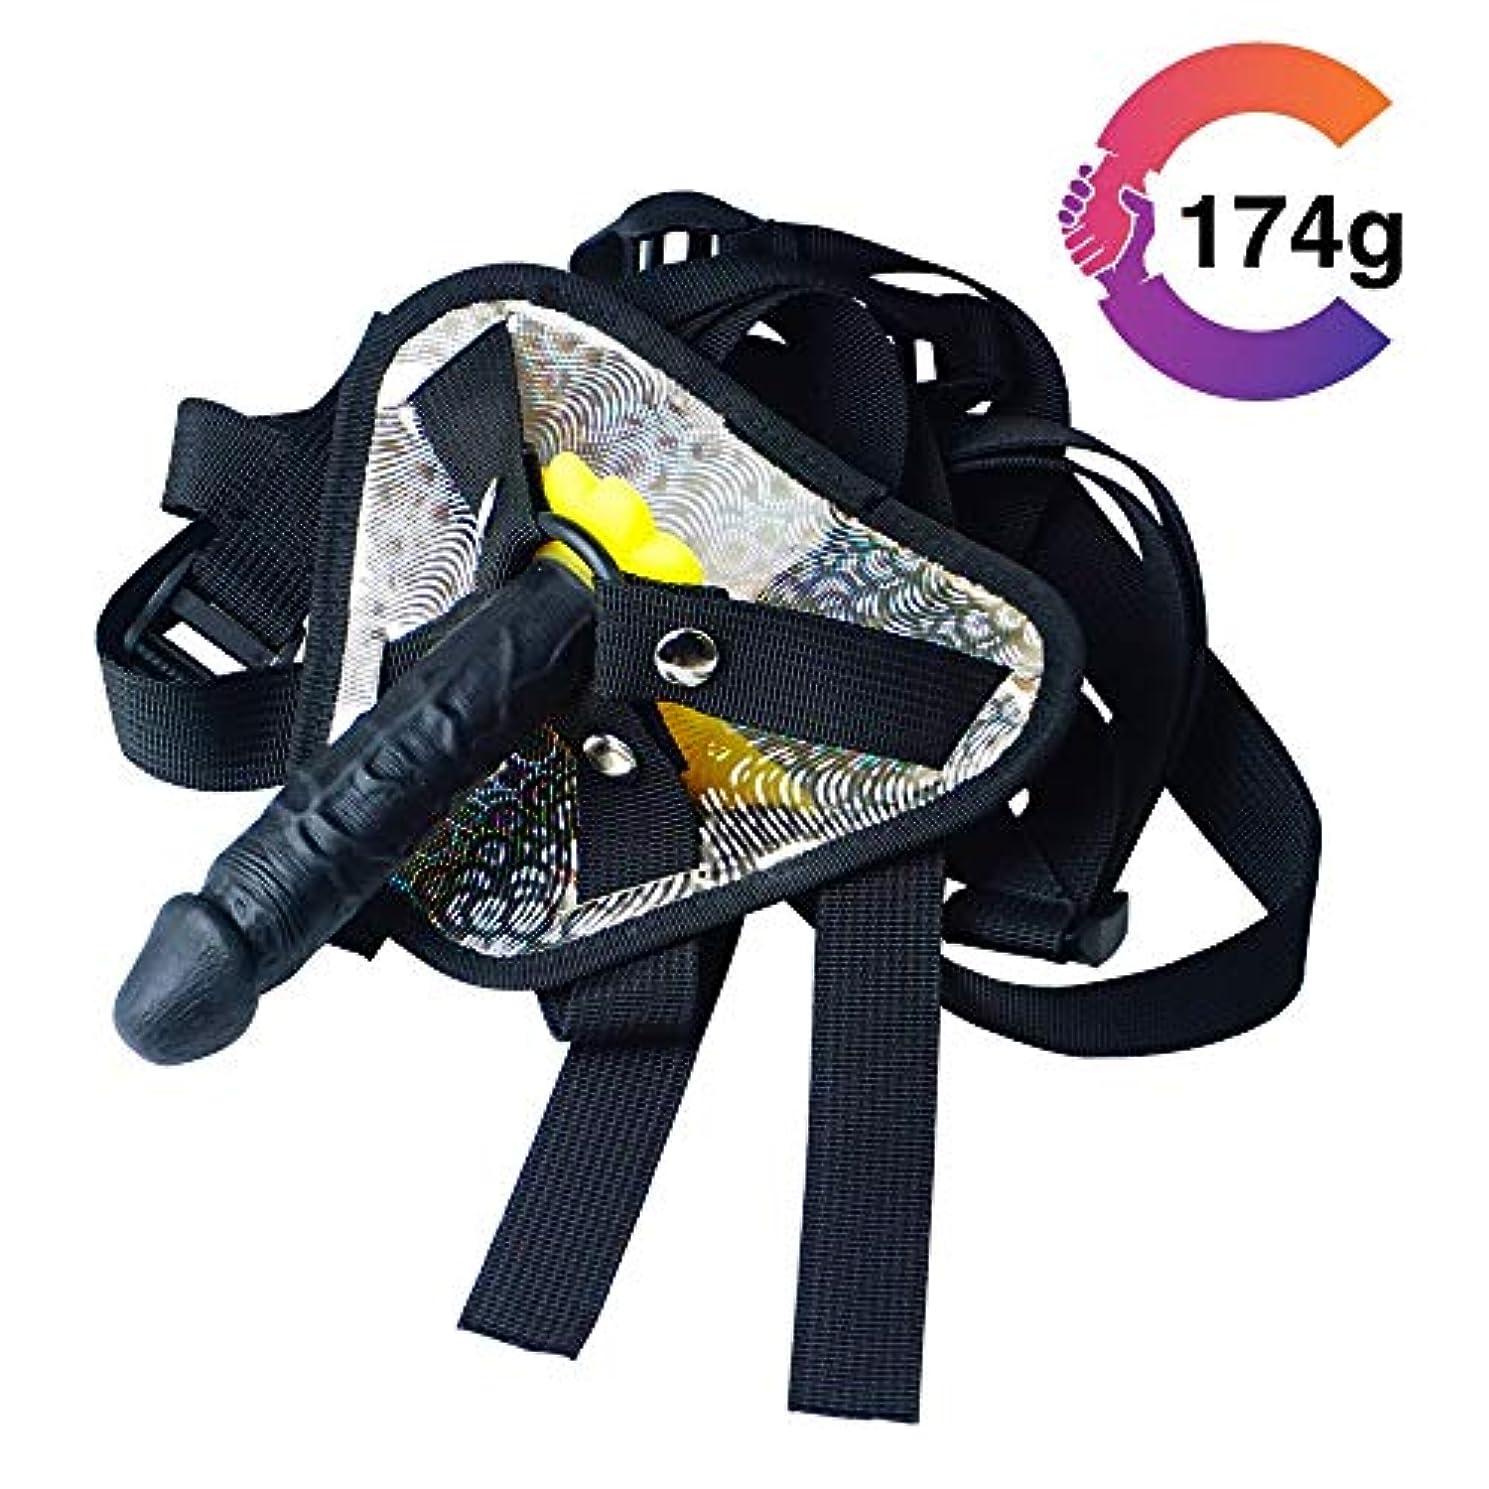 憤る静かなステンレスKGJJHYBGTOY カップルST-020F CD1G03-F551のためのD-I-L-D-Oを15cmのストラップ RELAX MASSAGE BODY